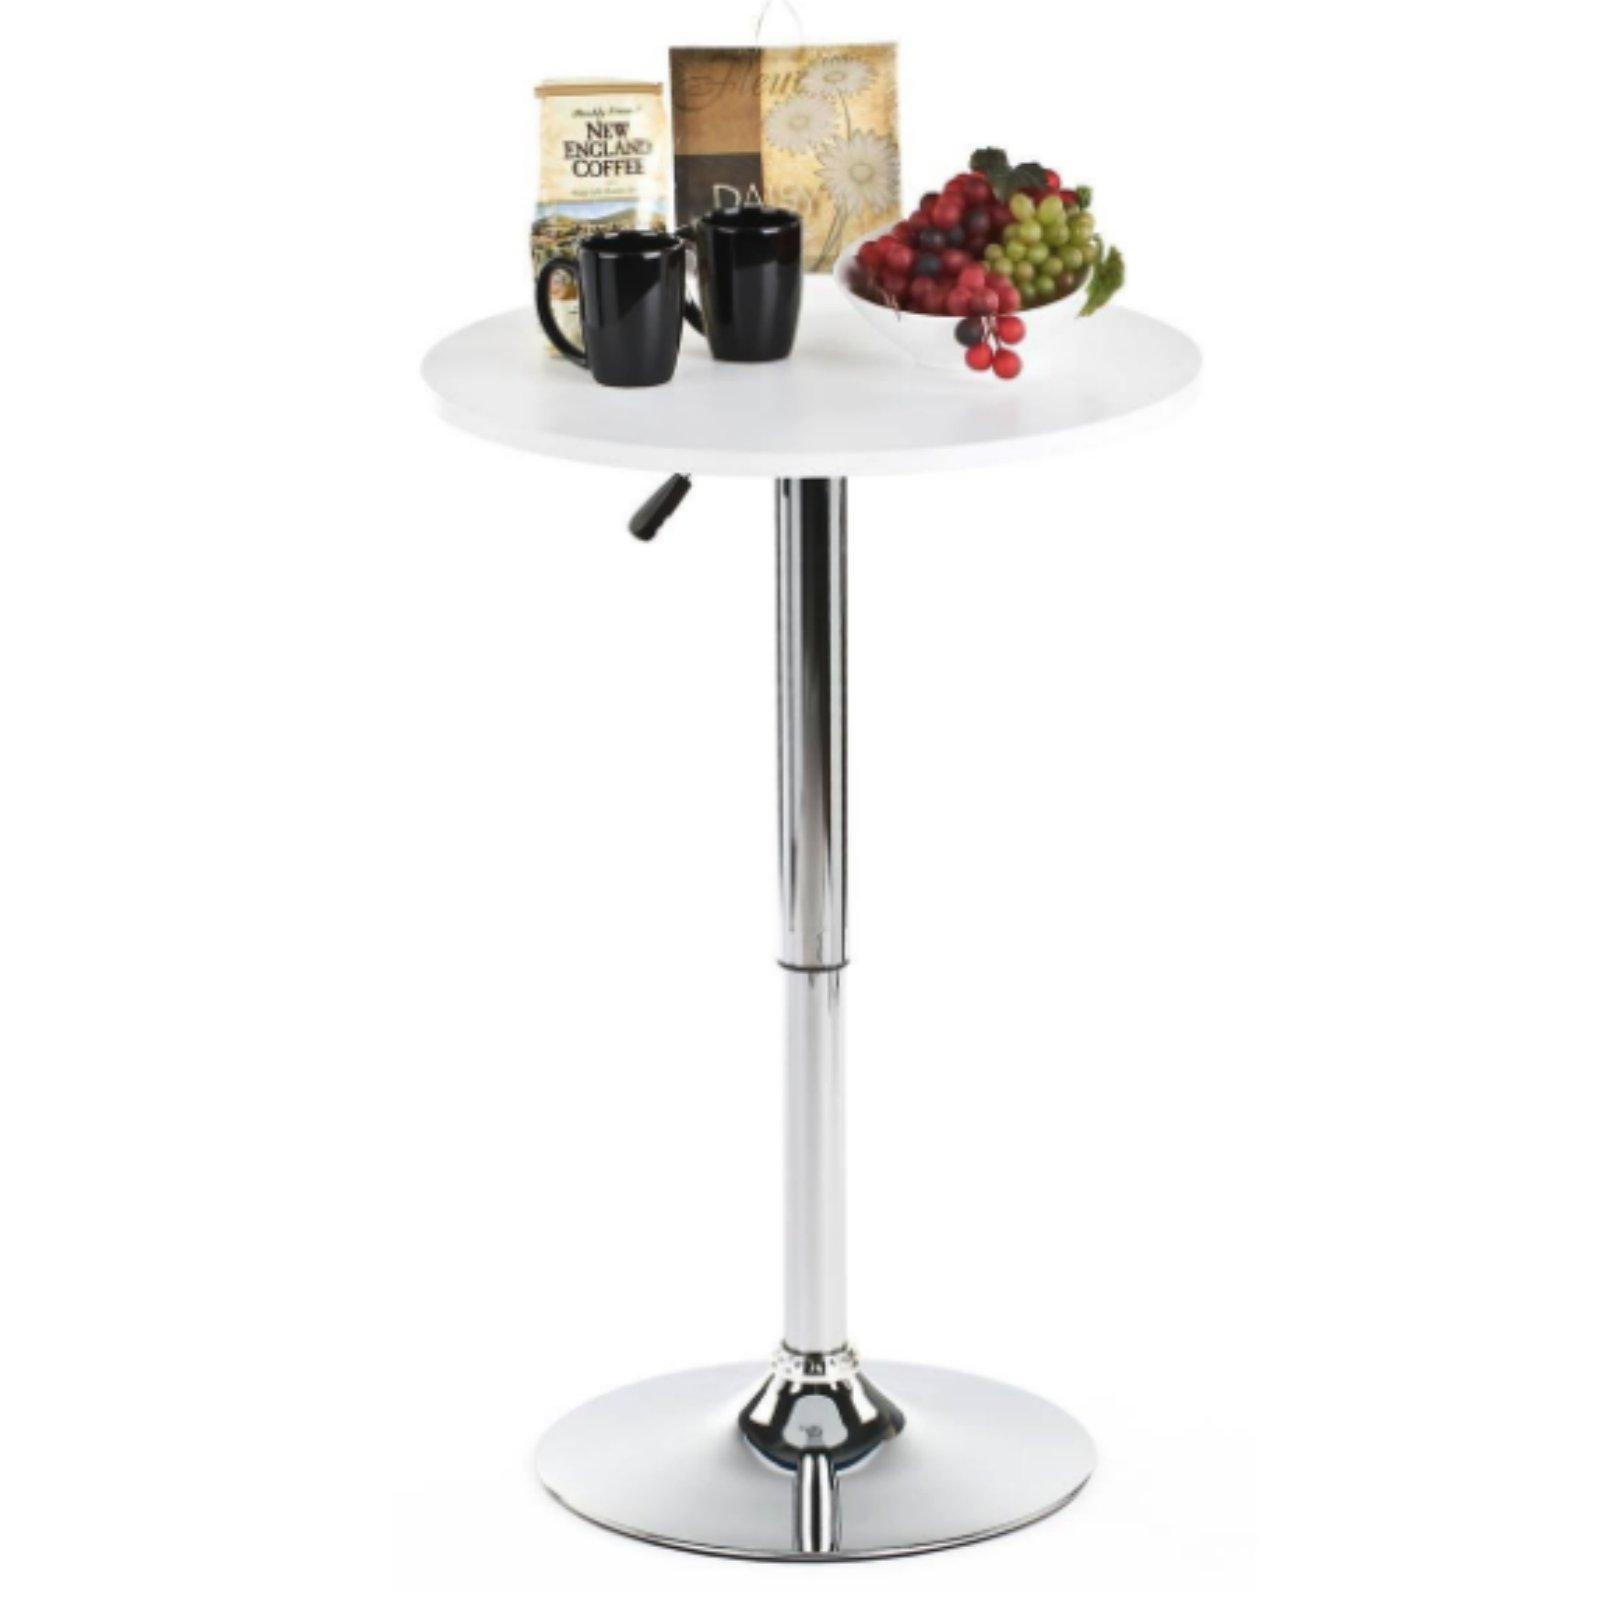 Magshion 23.6'' Round Adjustable Height Wood Bar Pub Table Adjustable Range 27.5'', 35.7'' (White)